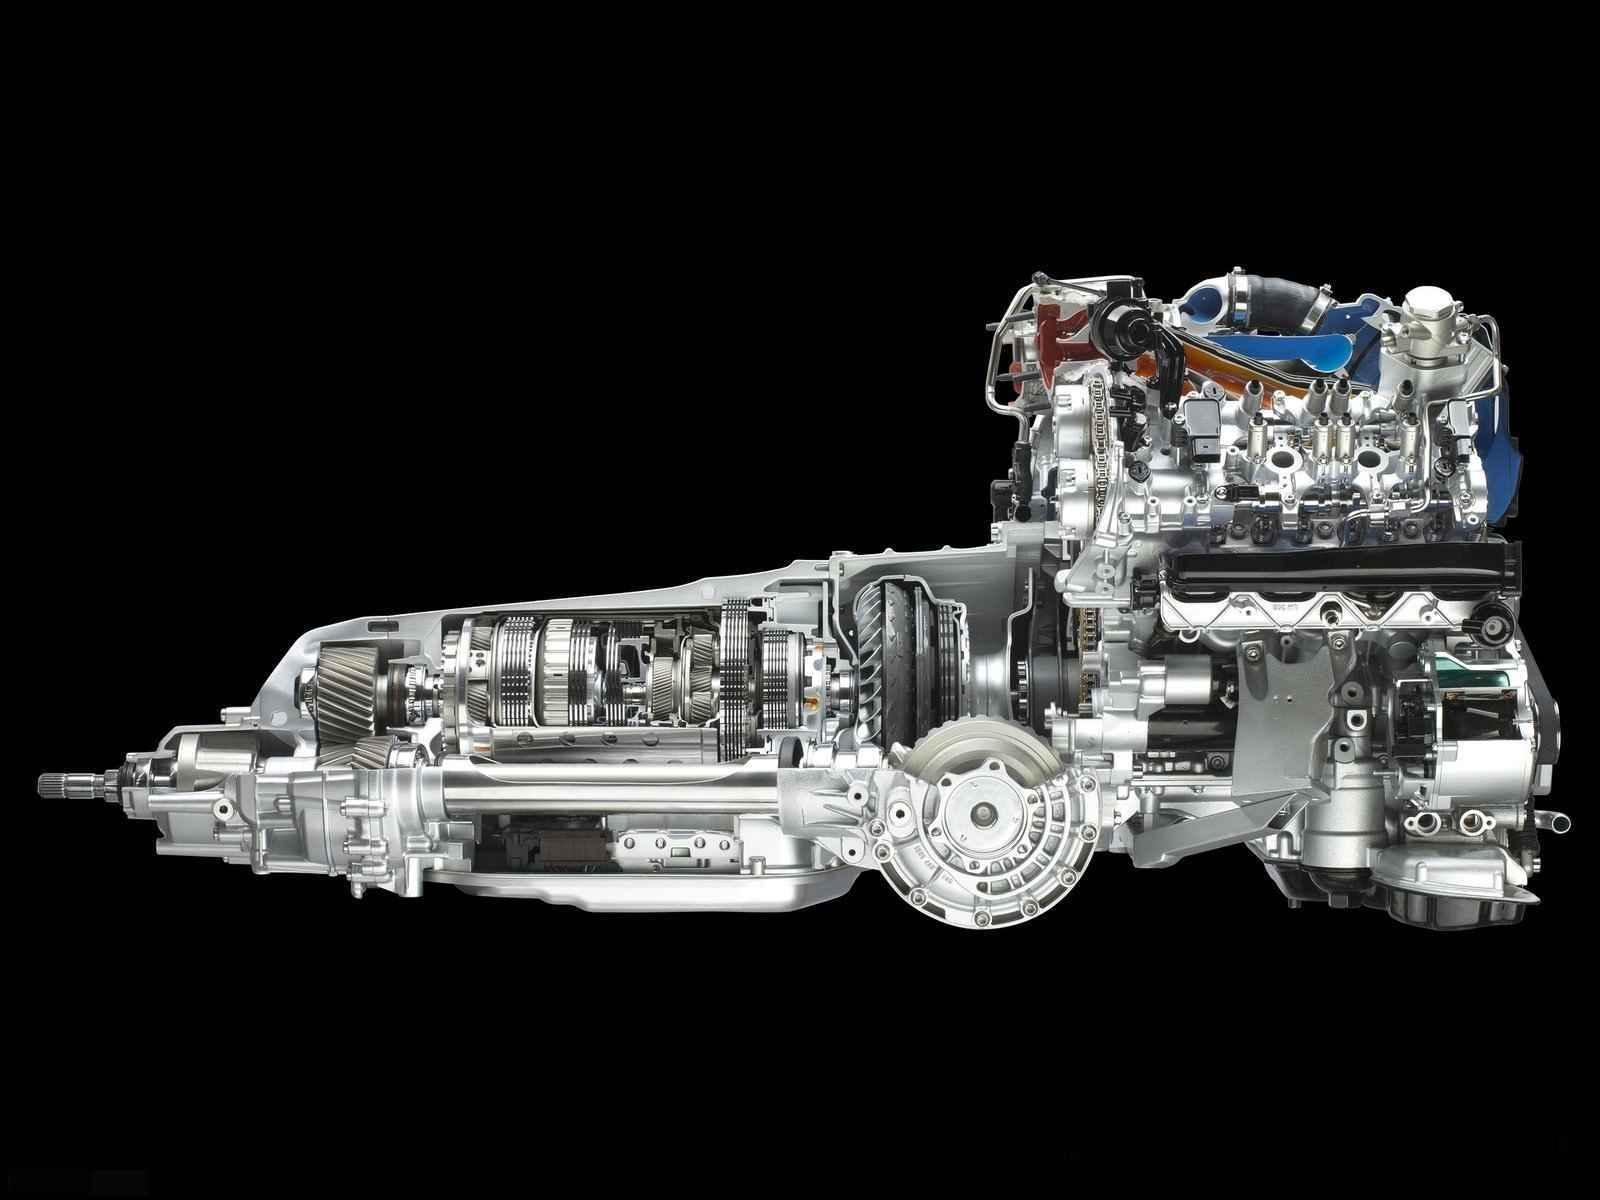 Das Geheimnis unter der Motorhaube